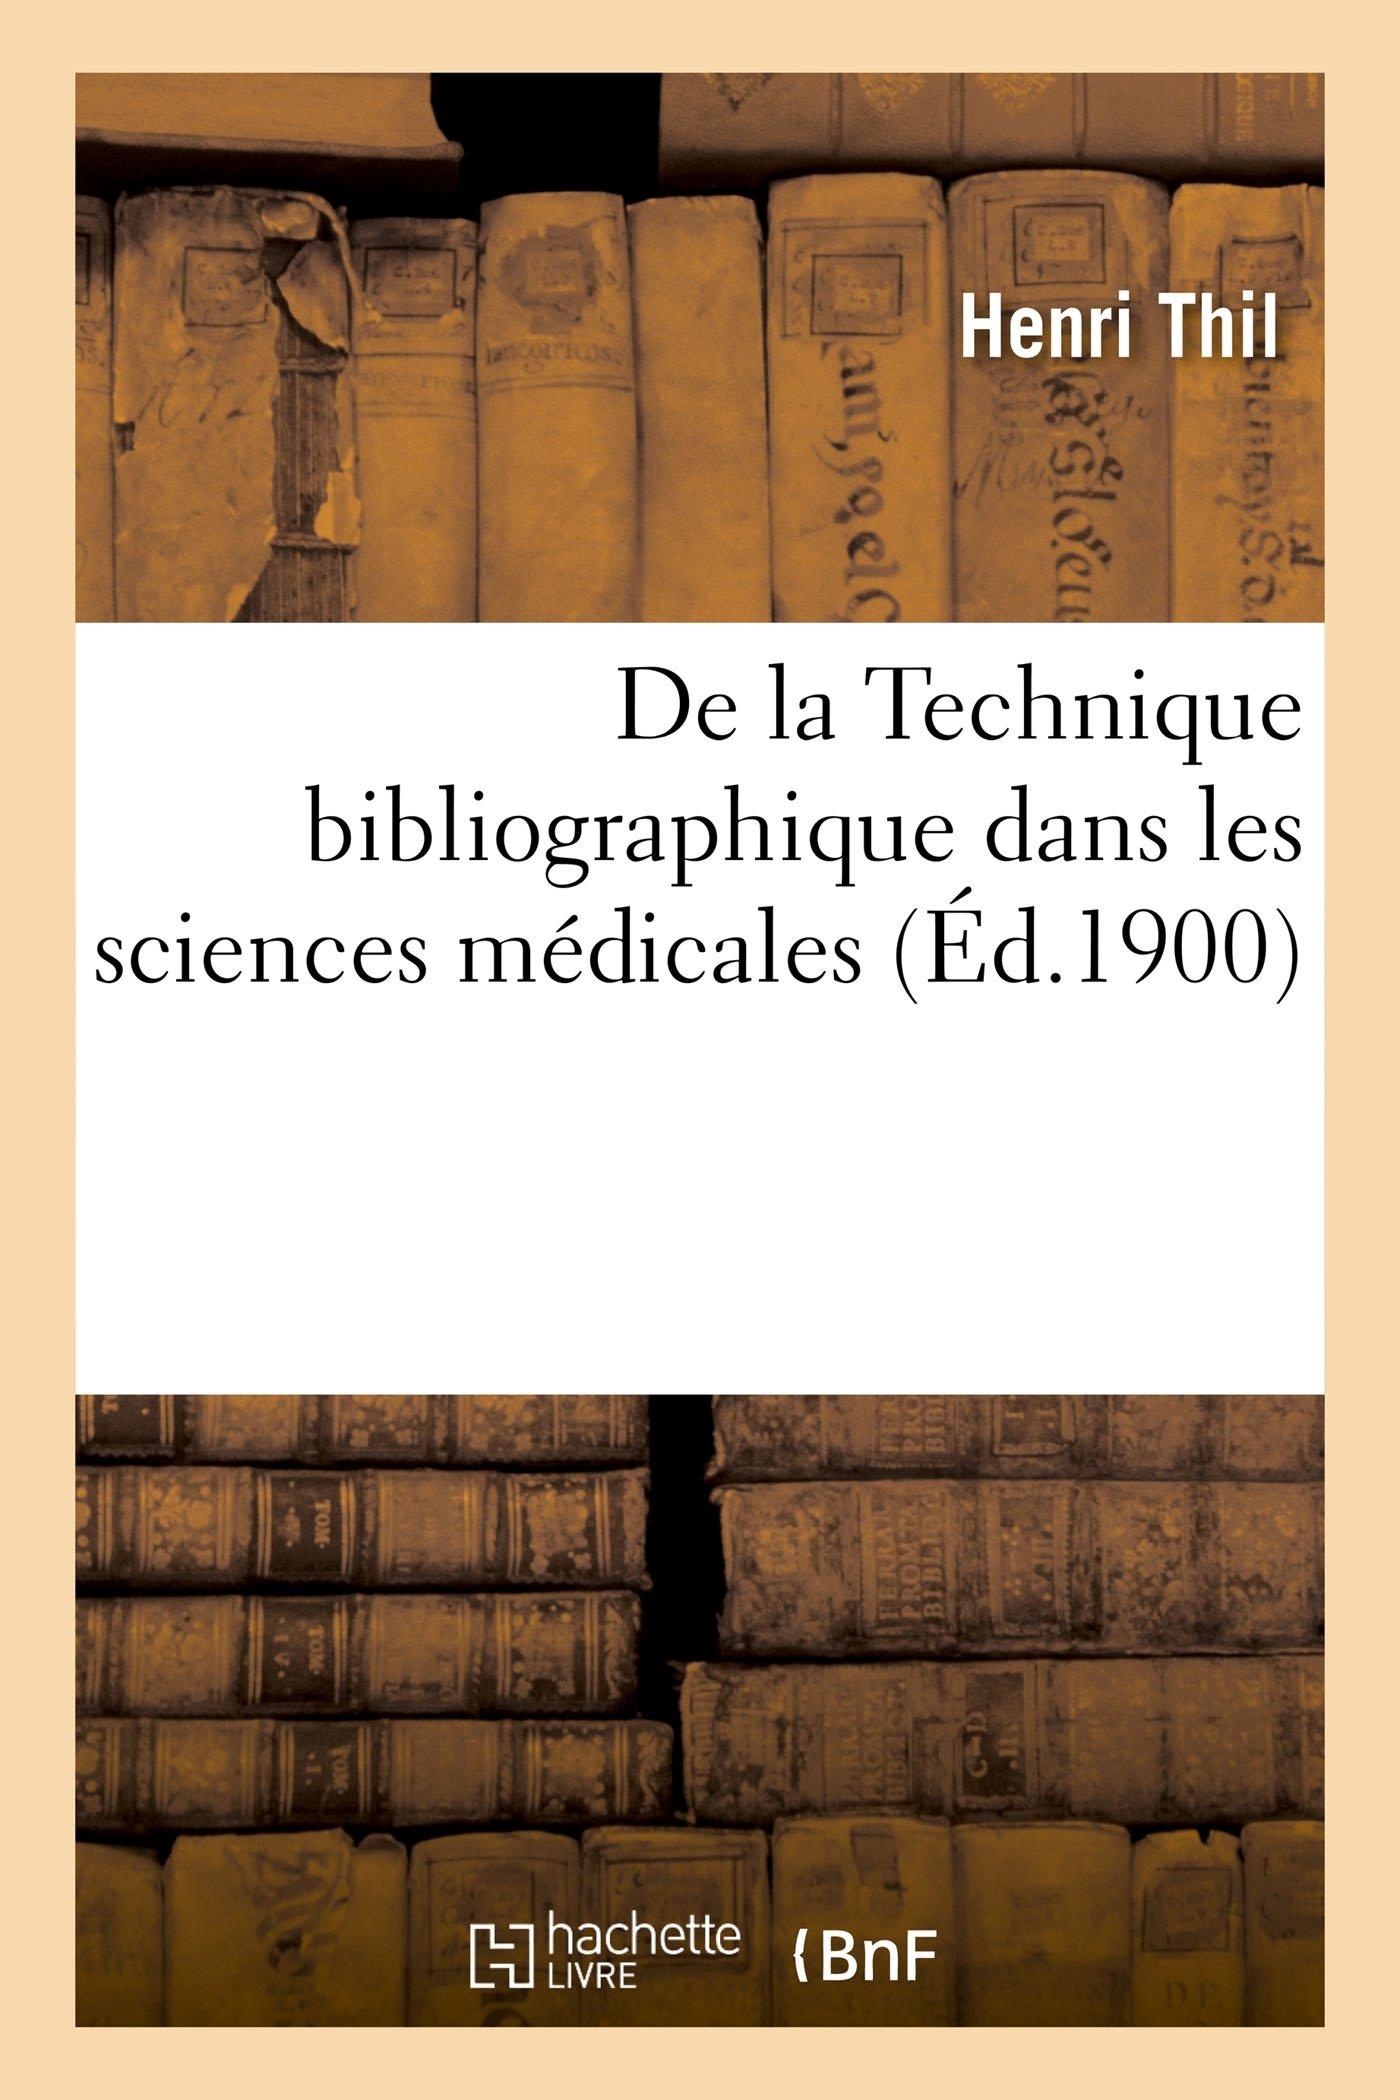 Download de la Technique Bibliographique Dans Les Sciences Médicales, Manière de Procéder (French Edition) ebook